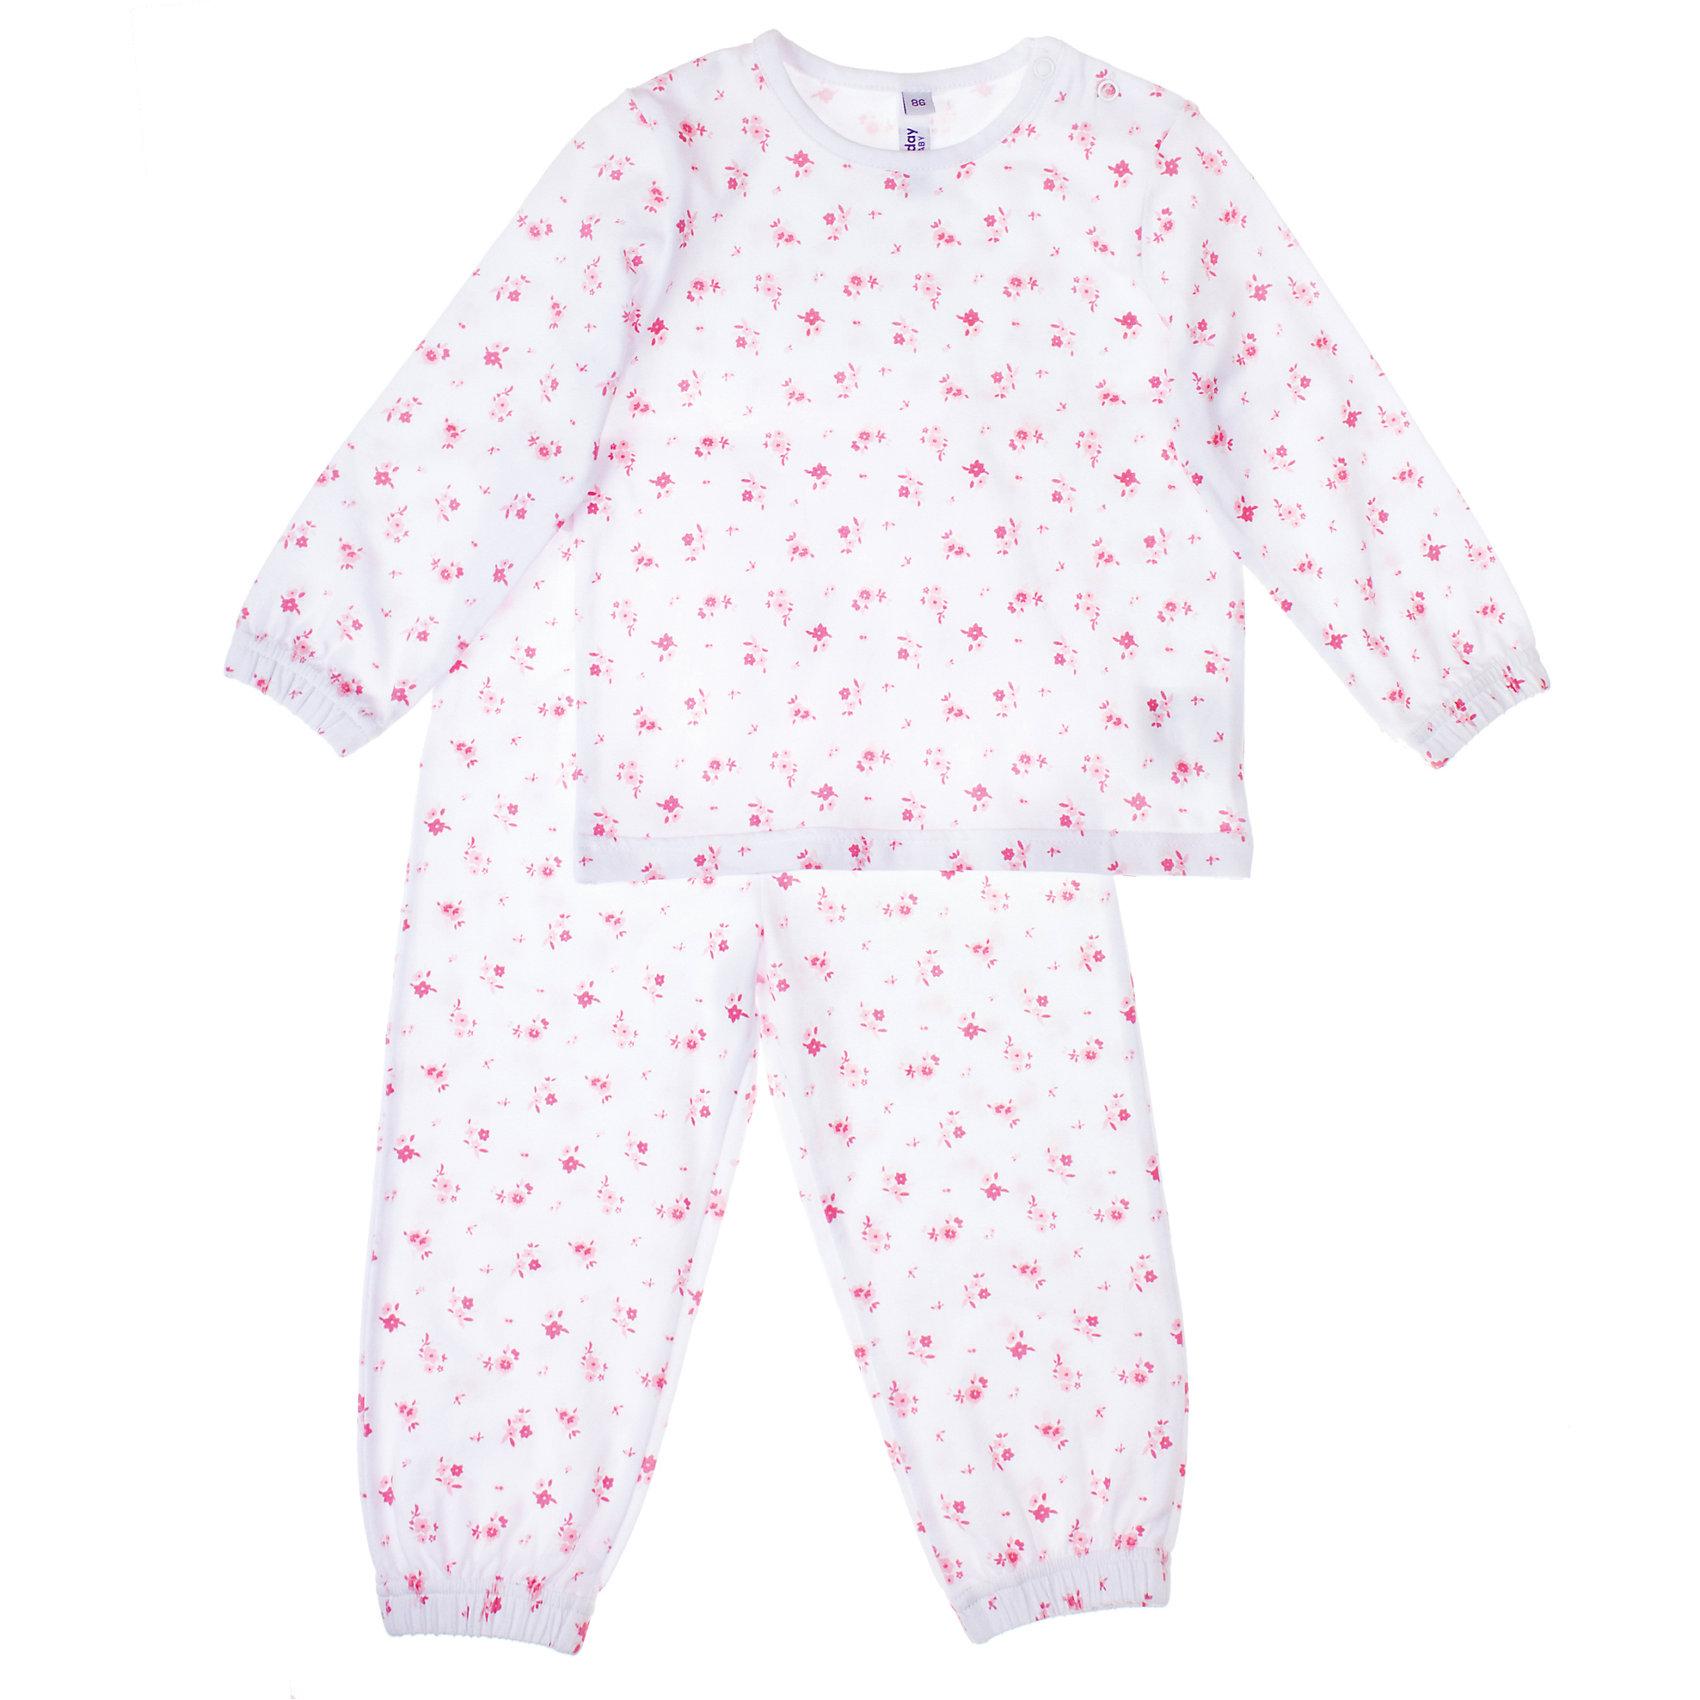 Пижама для девочки PlayTodayПижама для девочки PlayToday Хлопковая пижама. Крой свободный, материал легкий и практичный в носке. Состав: 95% хлопок, 5% эластан<br><br>Ширина мм: 281<br>Глубина мм: 70<br>Высота мм: 188<br>Вес г: 295<br>Цвет: белый/розовый<br>Возраст от месяцев: 6<br>Возраст до месяцев: 9<br>Пол: Женский<br>Возраст: Детский<br>Размер: 74,86,92,80<br>SKU: 4229297